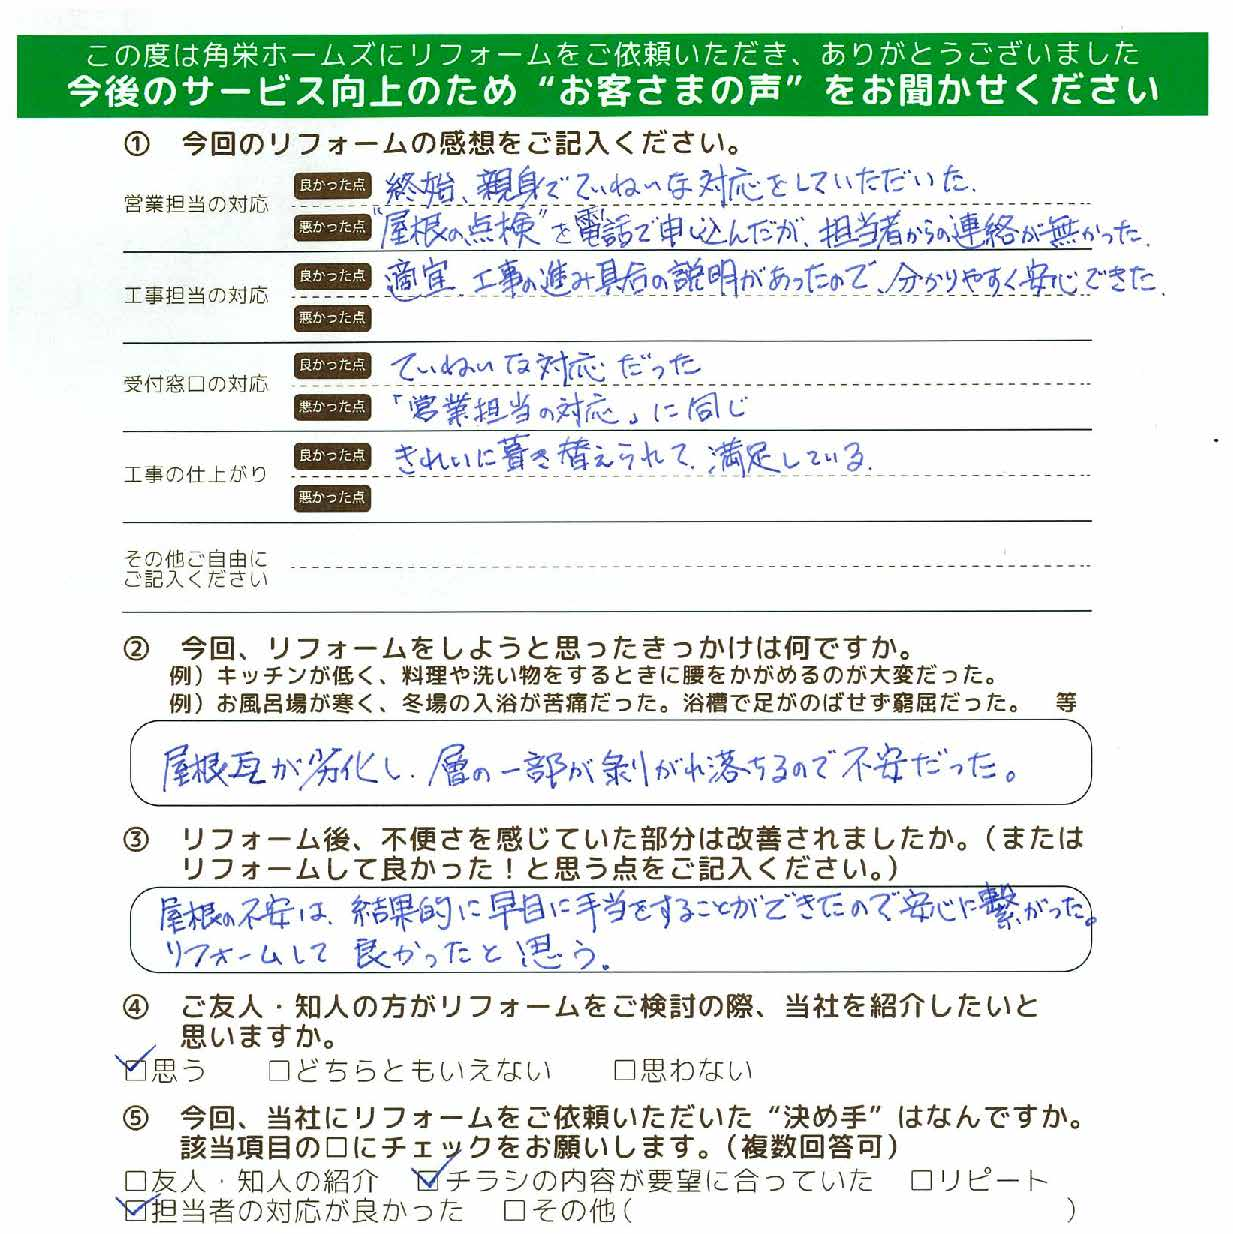 埼玉県川越市(屋根葺き替え)のお客さまの直筆